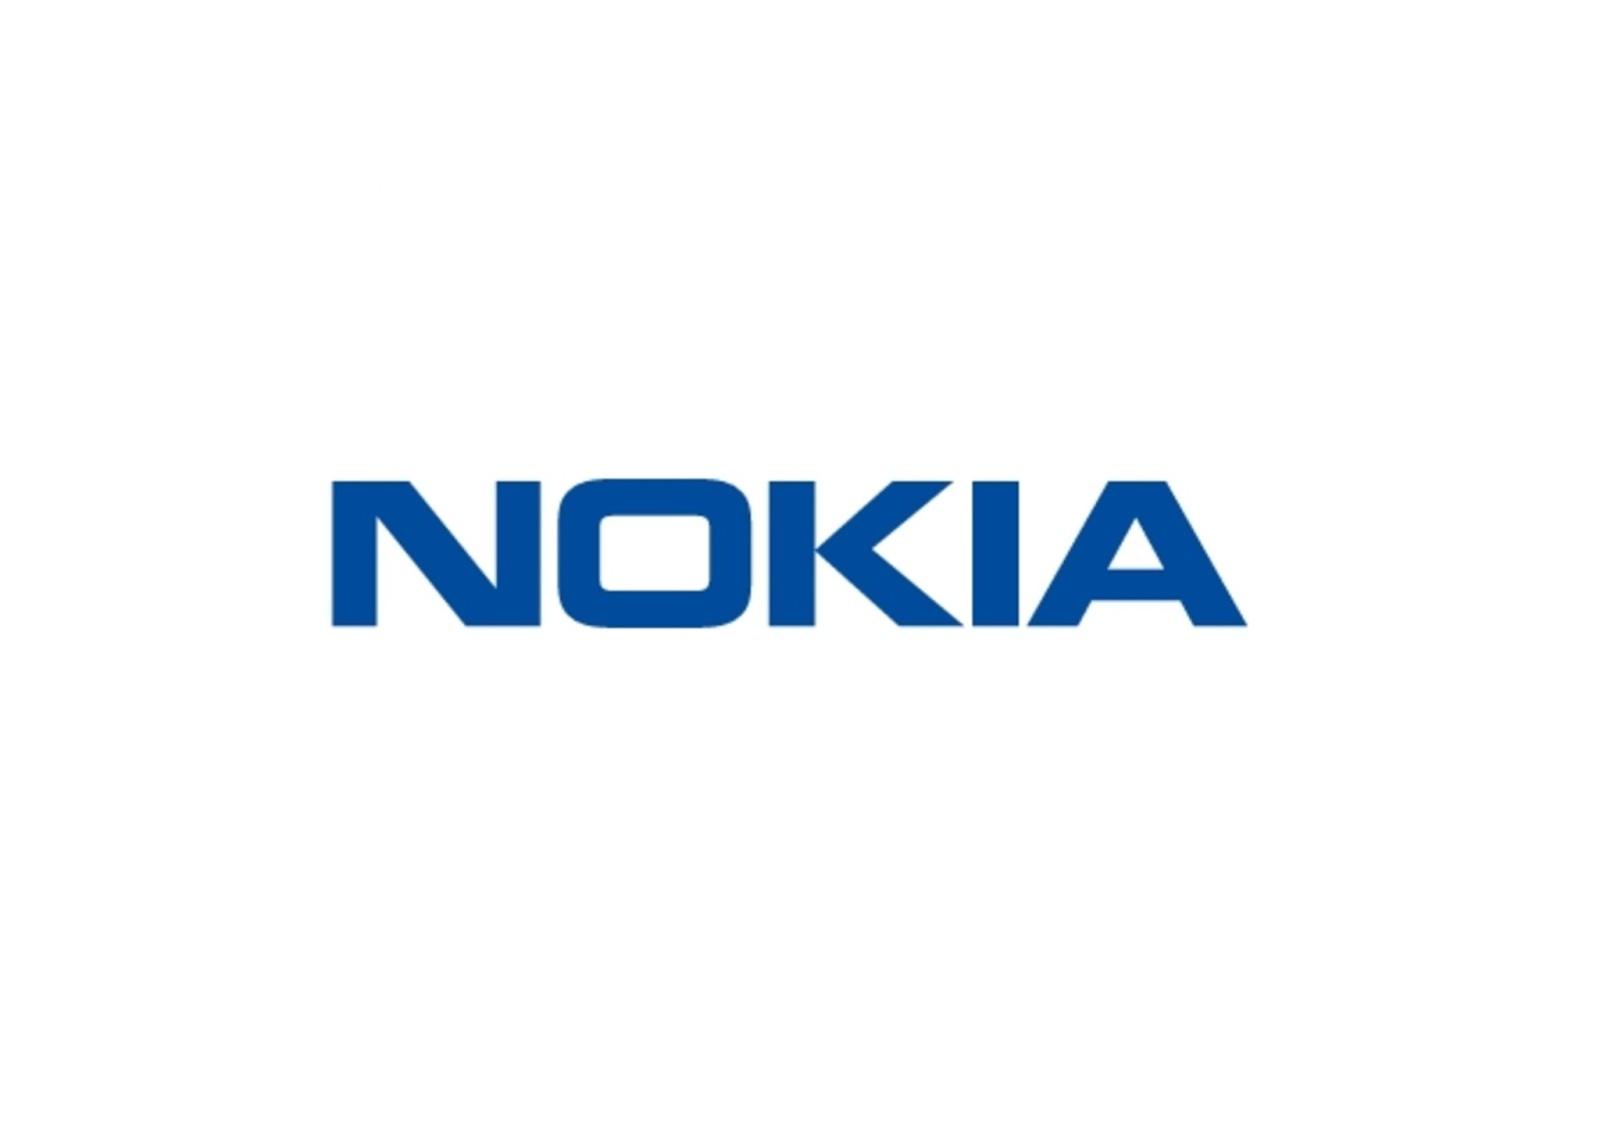 Camera Company Logo 41-megapixel camera.